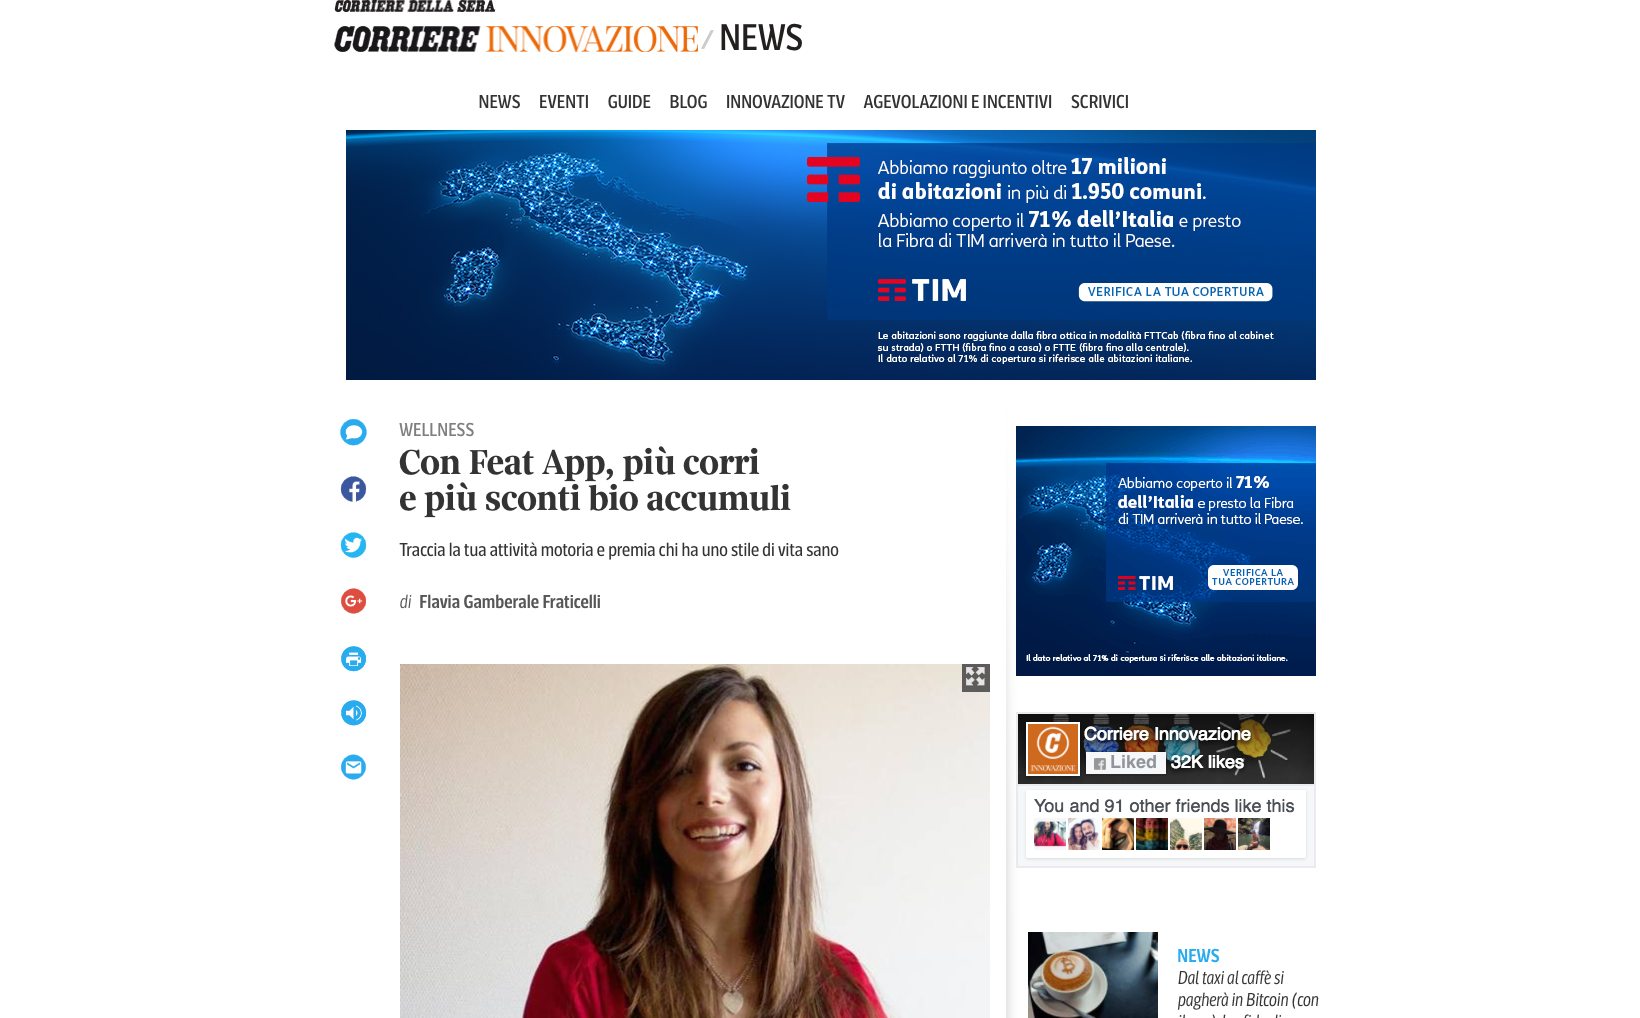 CON FEAT APP, PIù CORRI E PIù ACCUMULI SCONTI BIO - Il Corriere della Sera, September 2015